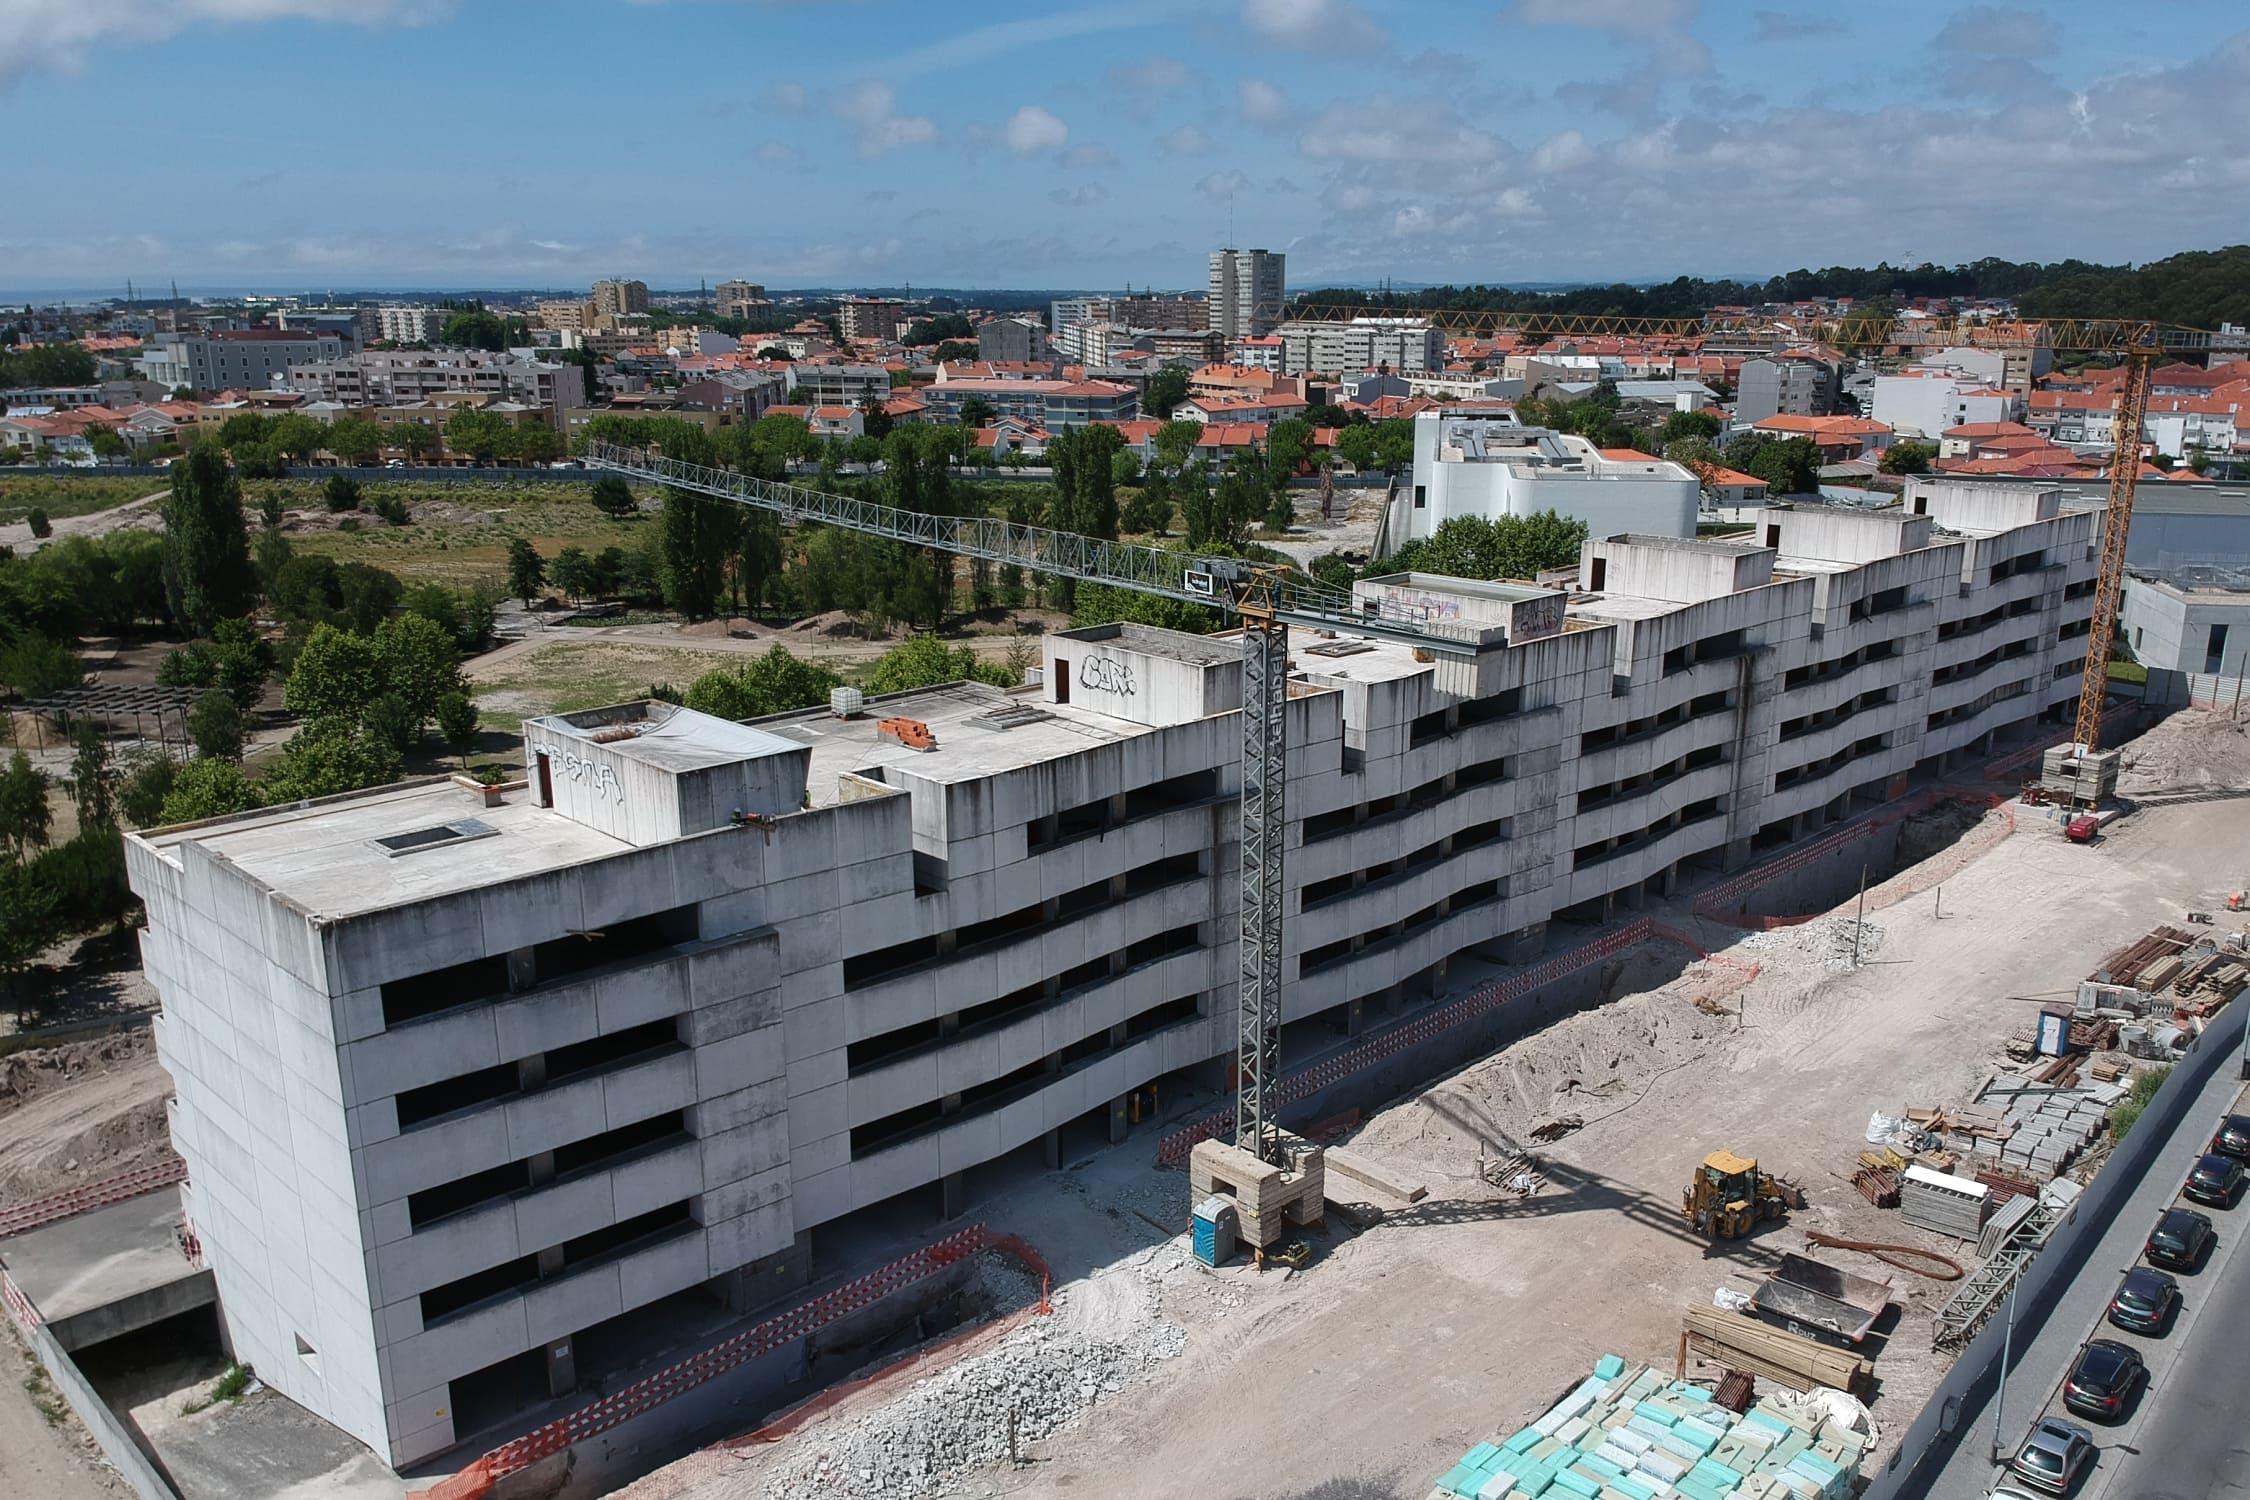 Edifício Delfim Pereira da Costa está a ser construído / Telhabel